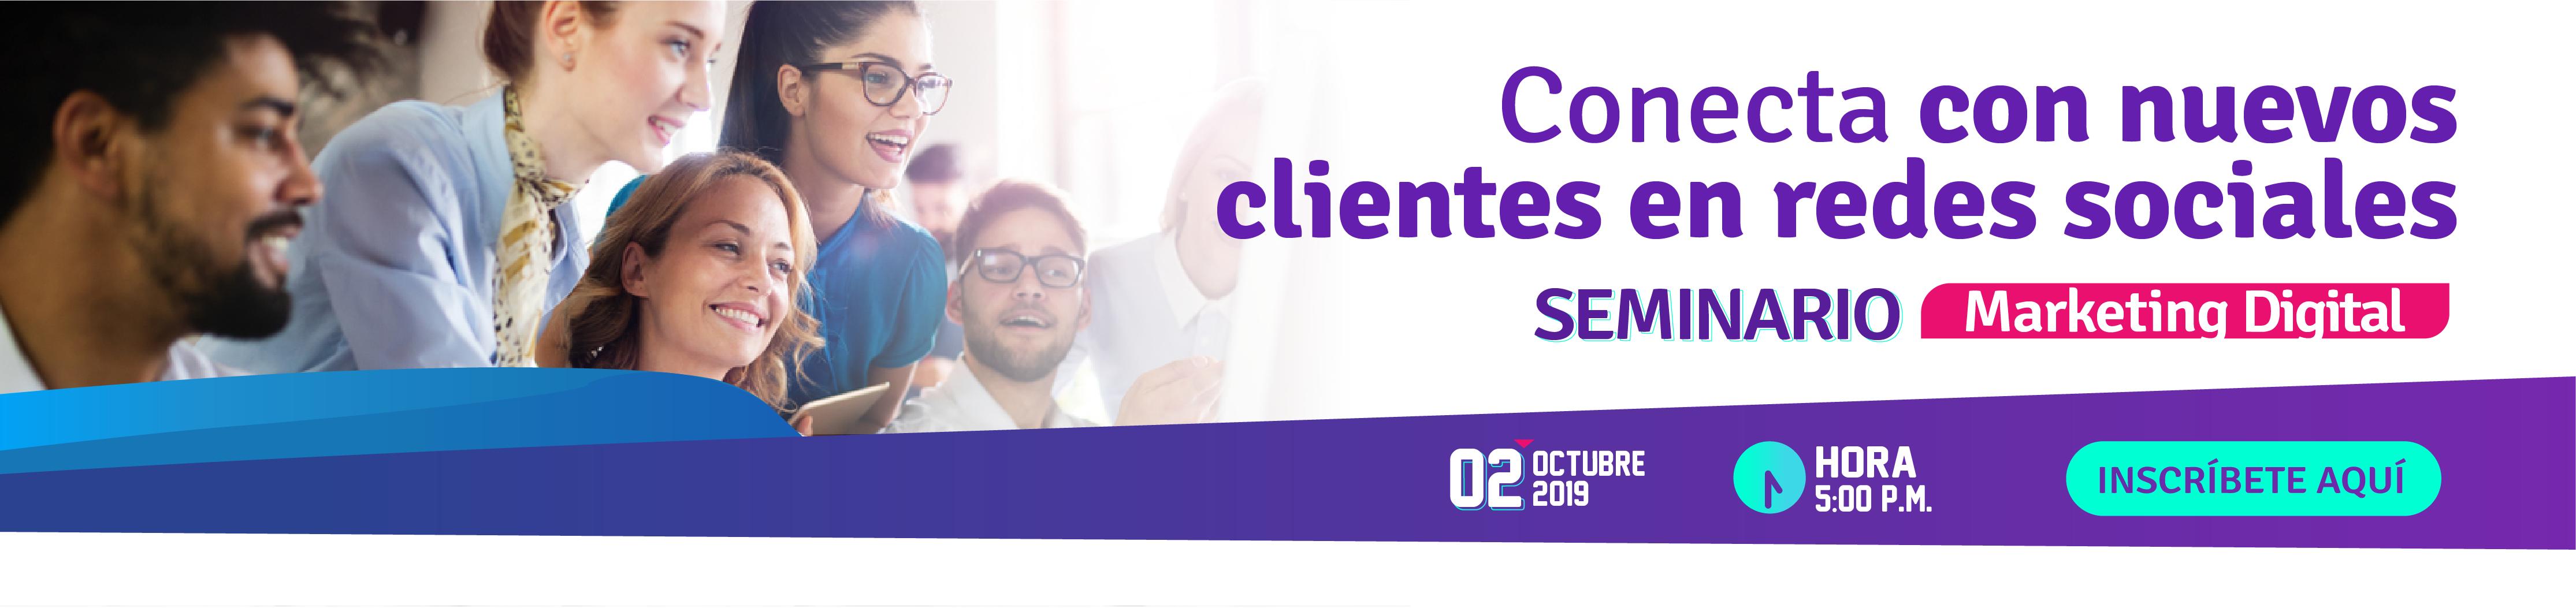 Sexto-Seminario-como-Conectar-Nuevos-Clientes-en-Redes-Sociales-Marketing-Digital-05